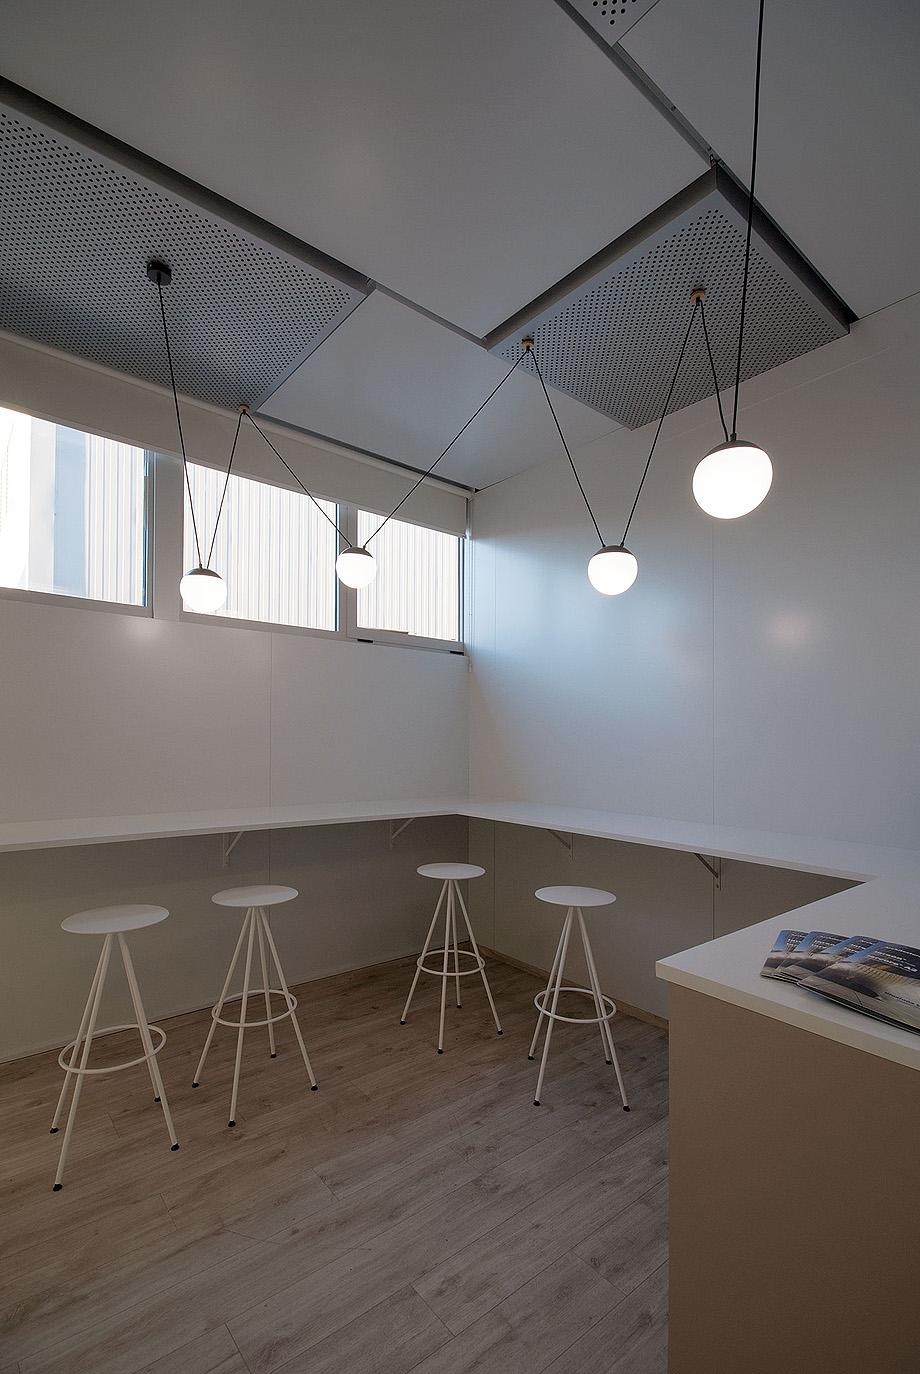 showroom alucoil de interior 03 - foto patricia hermosillo (7)